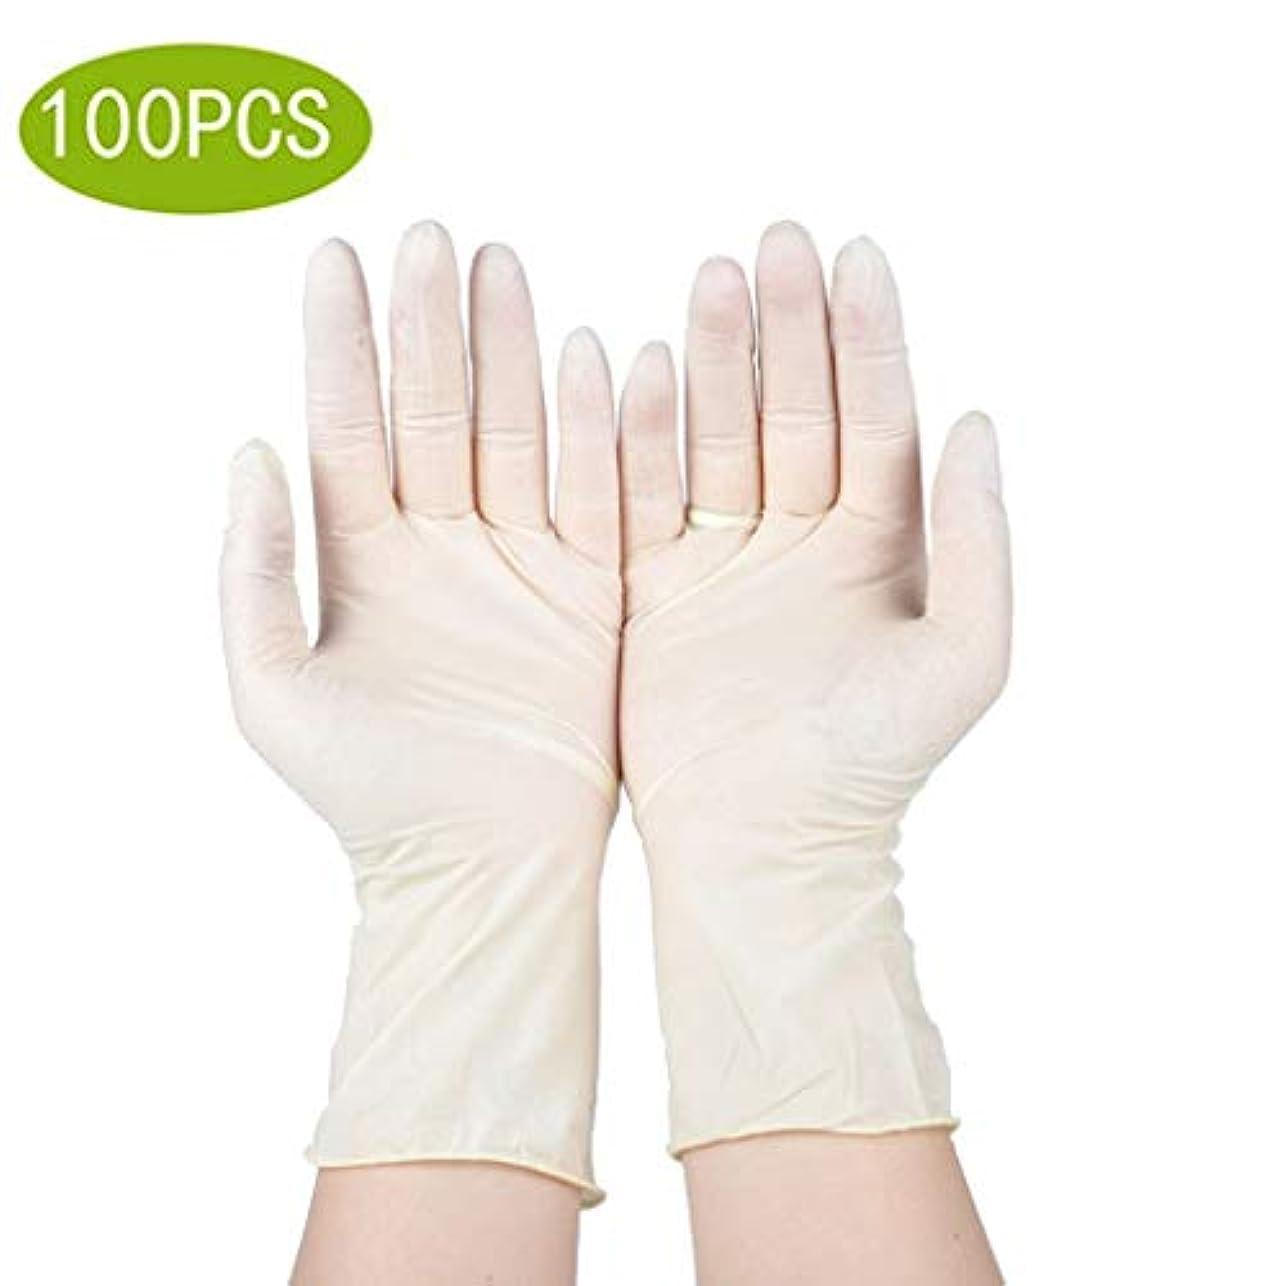 市民権速報バースニトリル手袋義務使い捨てビニール手袋、100カウント、特大 - パウダーフリー、両用性、超快適、極度の強度、耐久性と伸縮性、医療、食品、マルチユース (Color : Latex Gloves, Size : M)